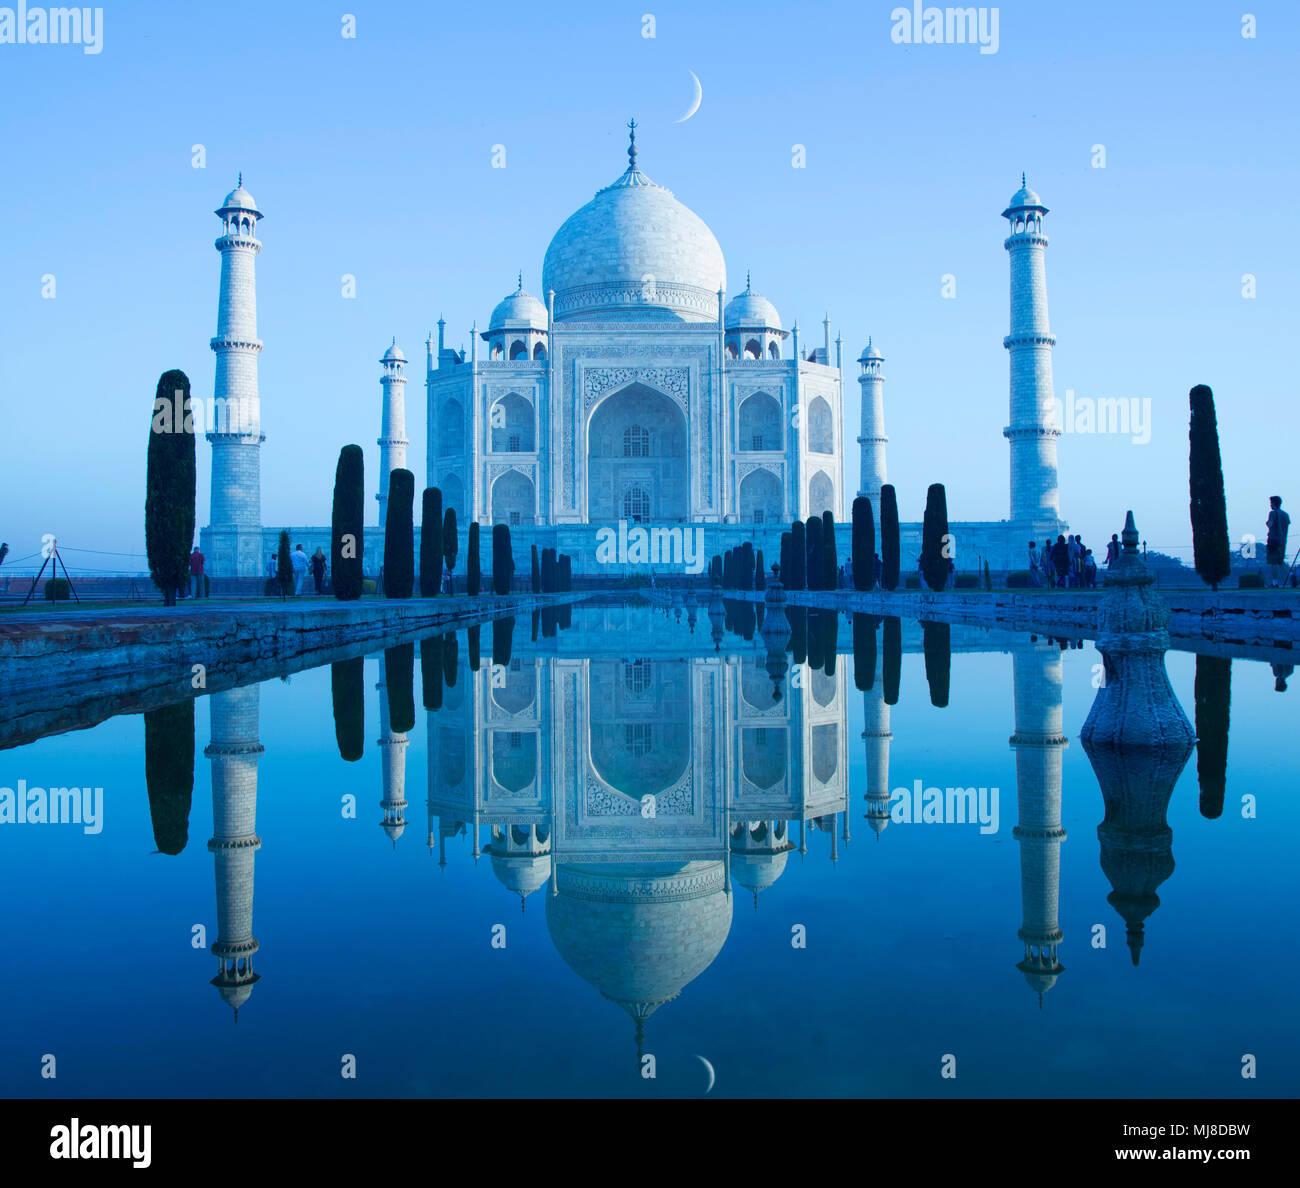 Außenansicht des Taj Mahal Palace und Mausoleum, ein UNESCO-Weltkulturerbe, ein Palast mit weißen Wänden aus Marmor mit dekorativen Detail mit Intarsien. Stockbild